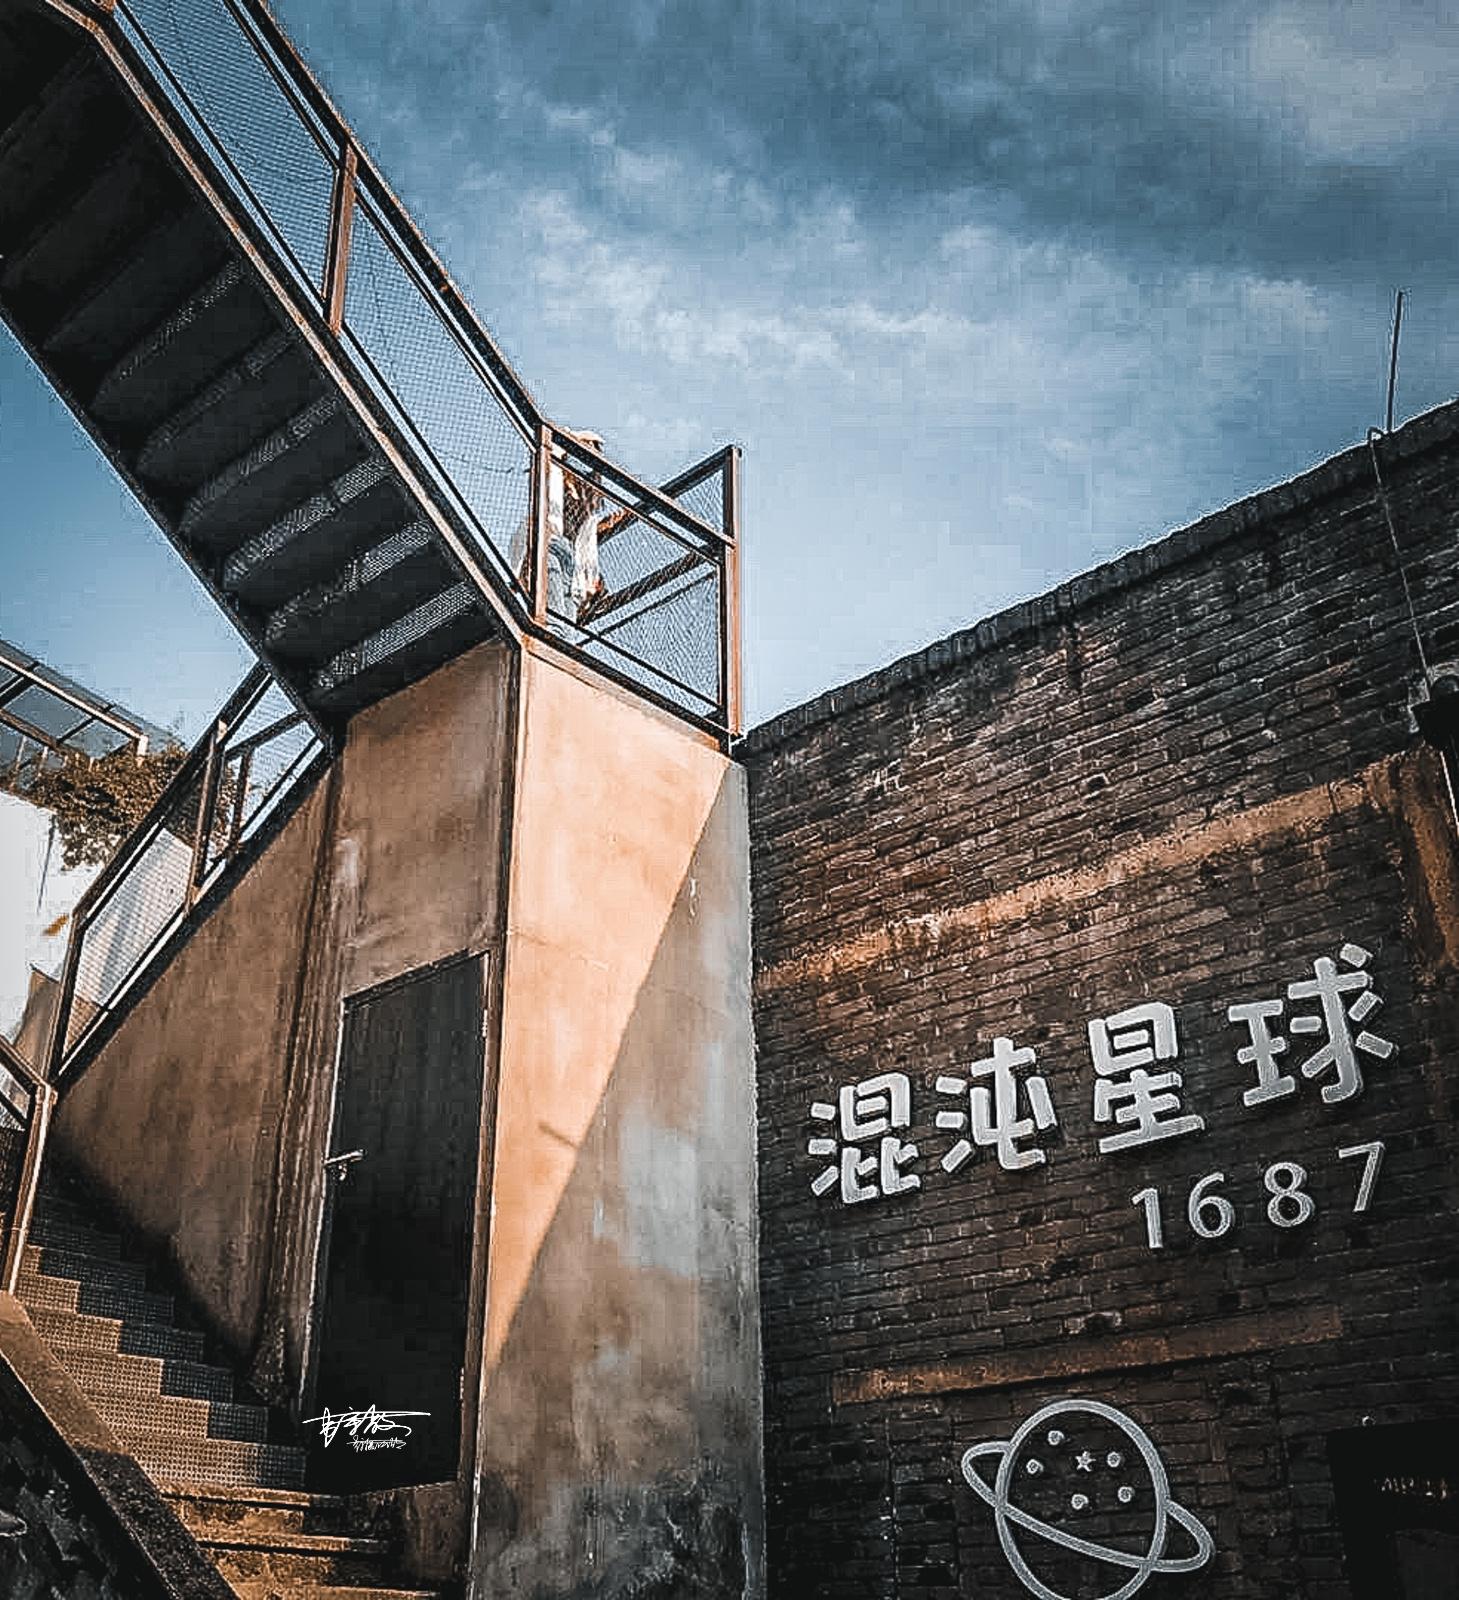 【美图Pick计划】紧凑版的北京798,这可能是重庆最文艺范的打卡地